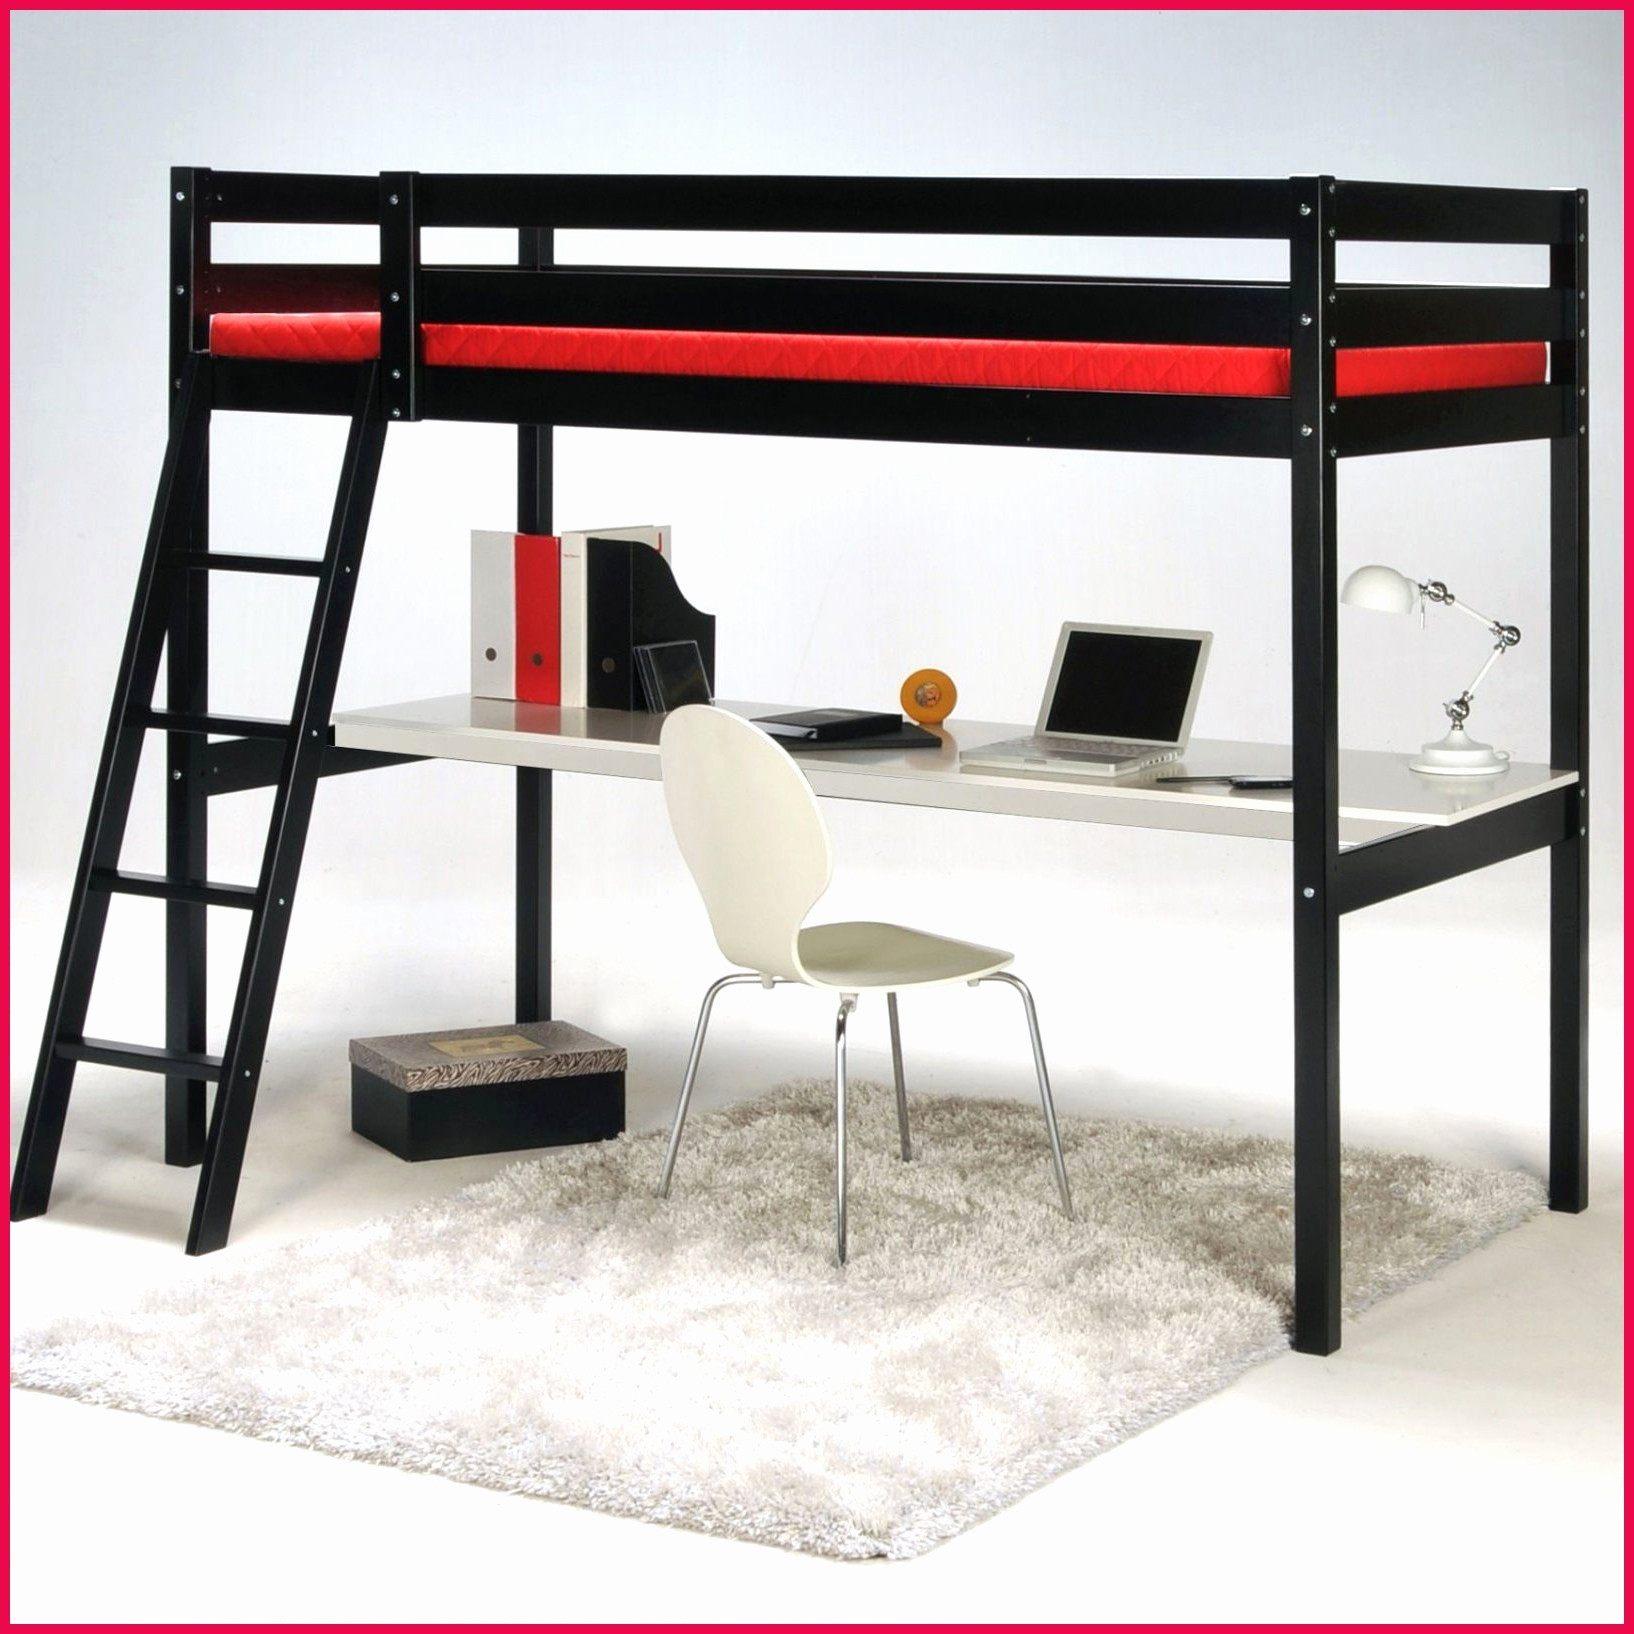 Lit Mezzanine Enfant Inspirant Lit Mi Haut Enfant Lit Mezzanine Design Lit Mezzanine Design Unique